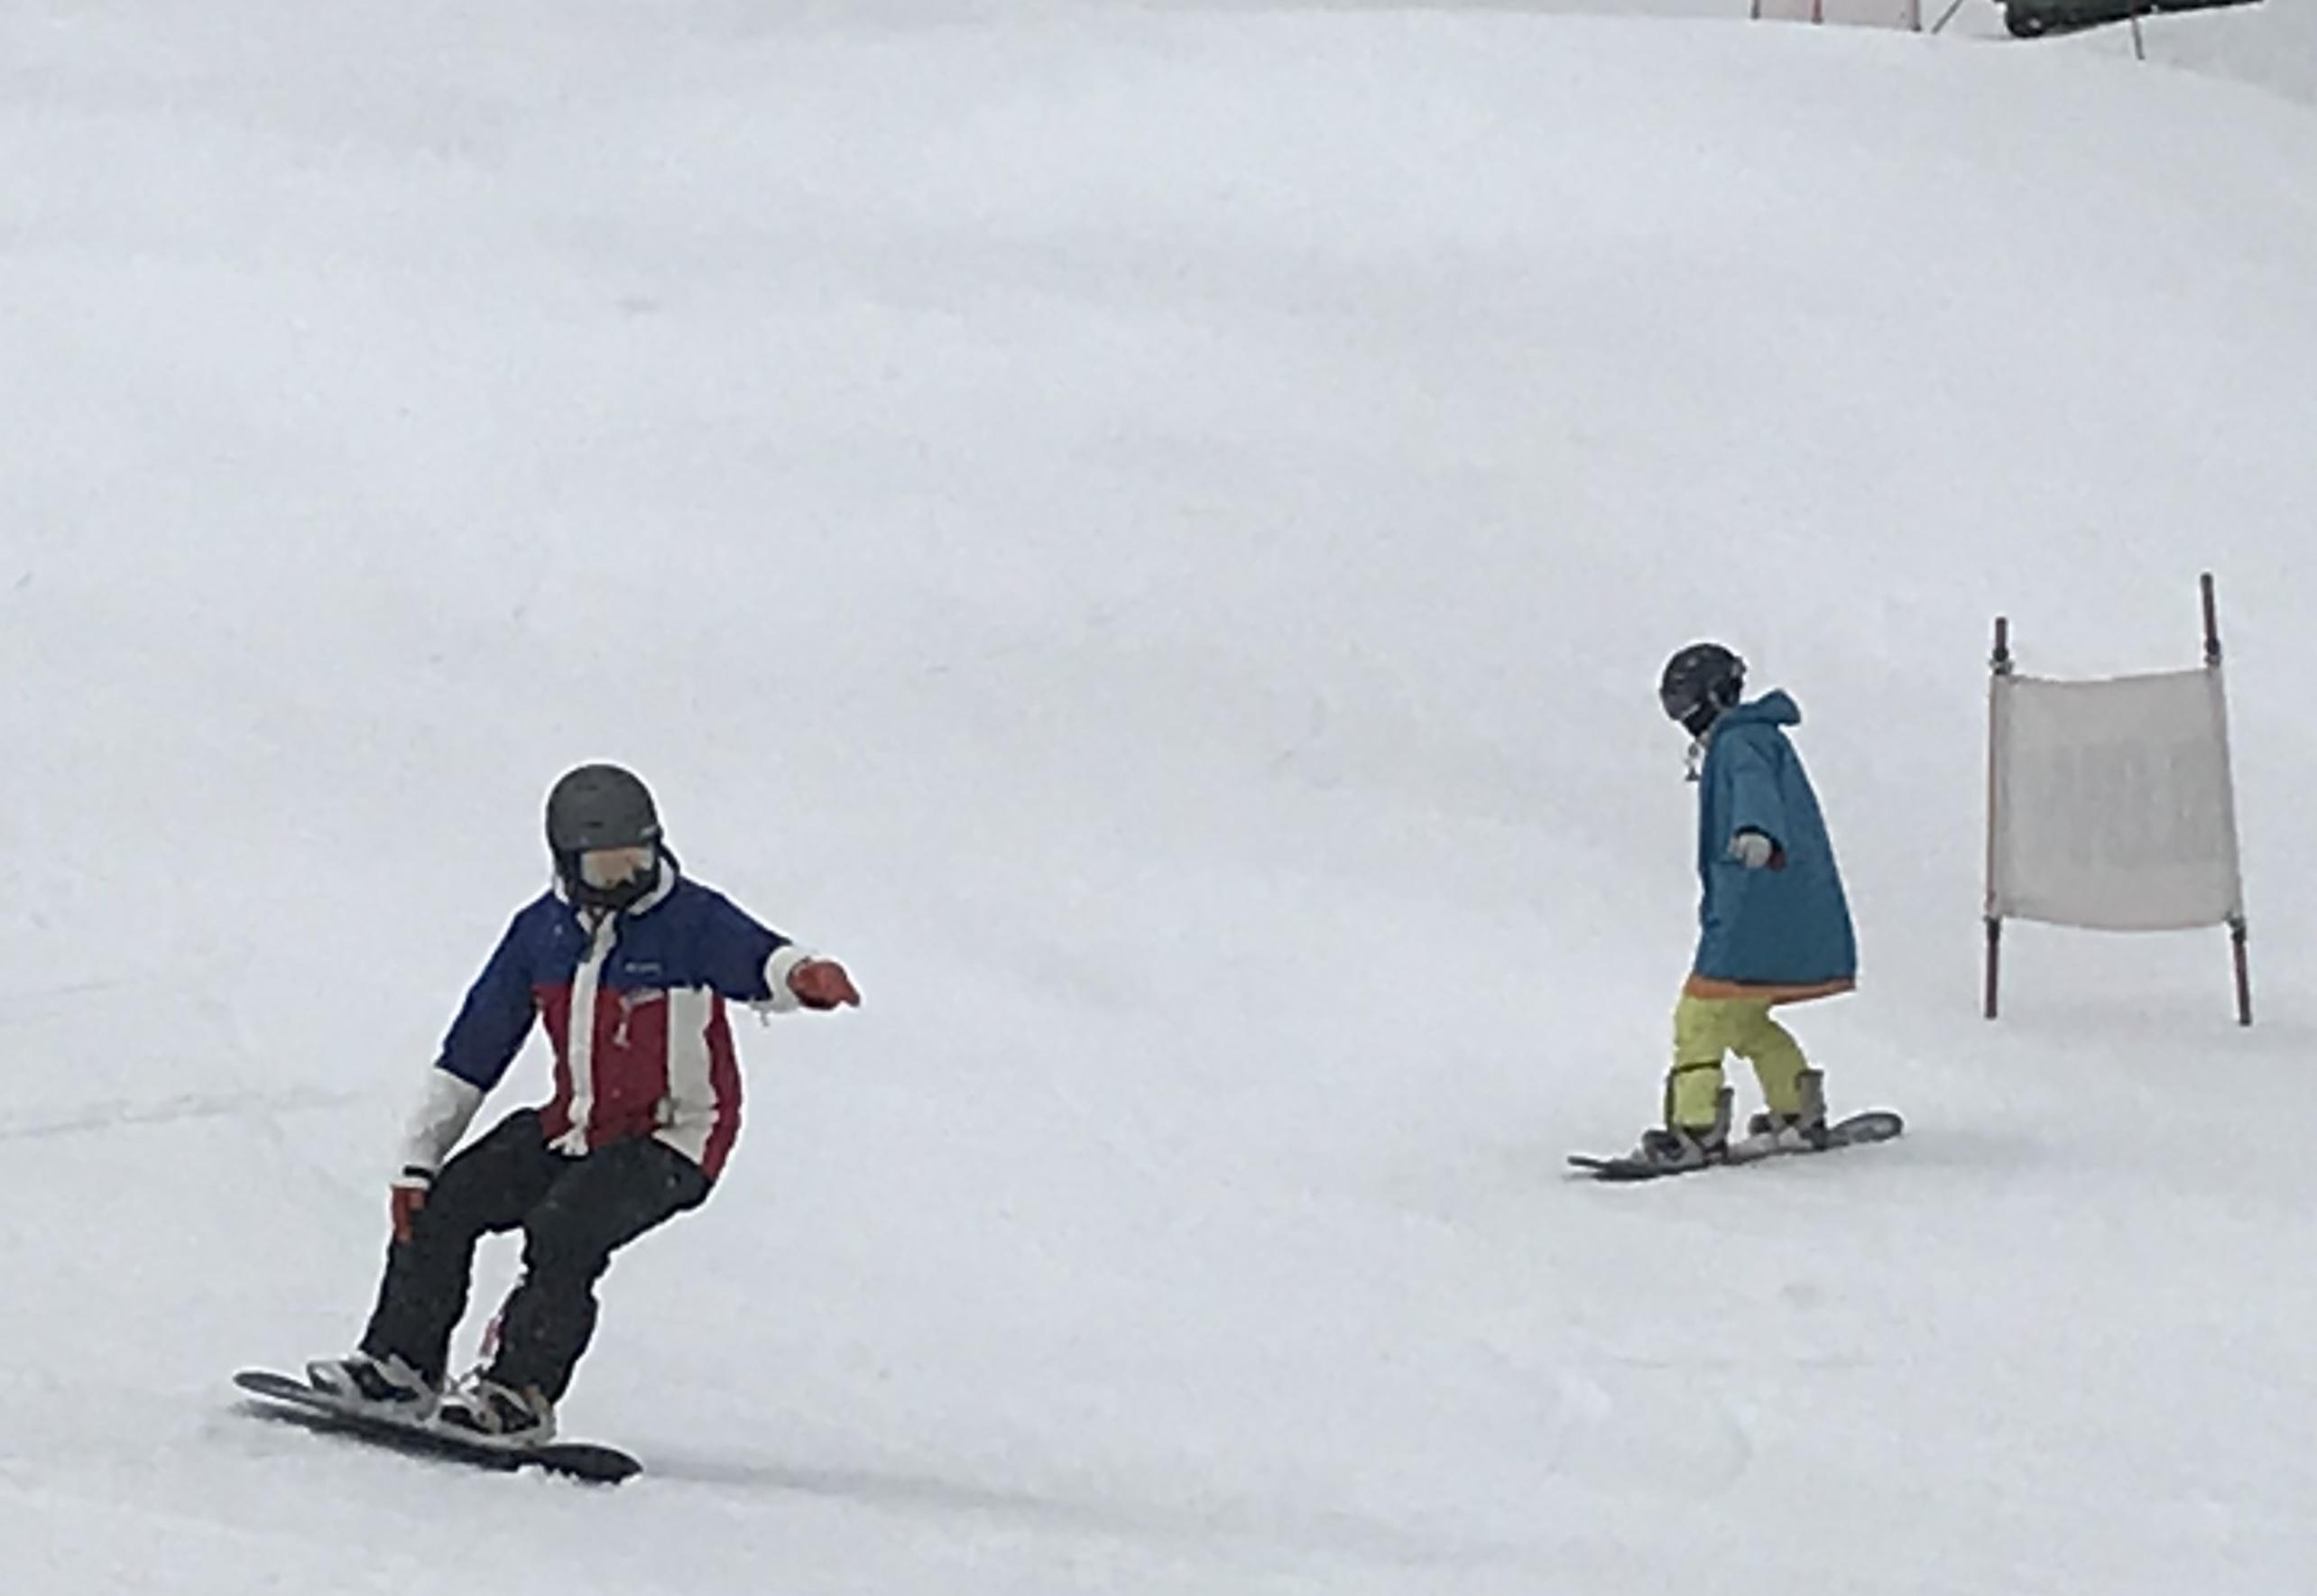 雨だけど雪は滑る_a0150315_21022291.jpeg